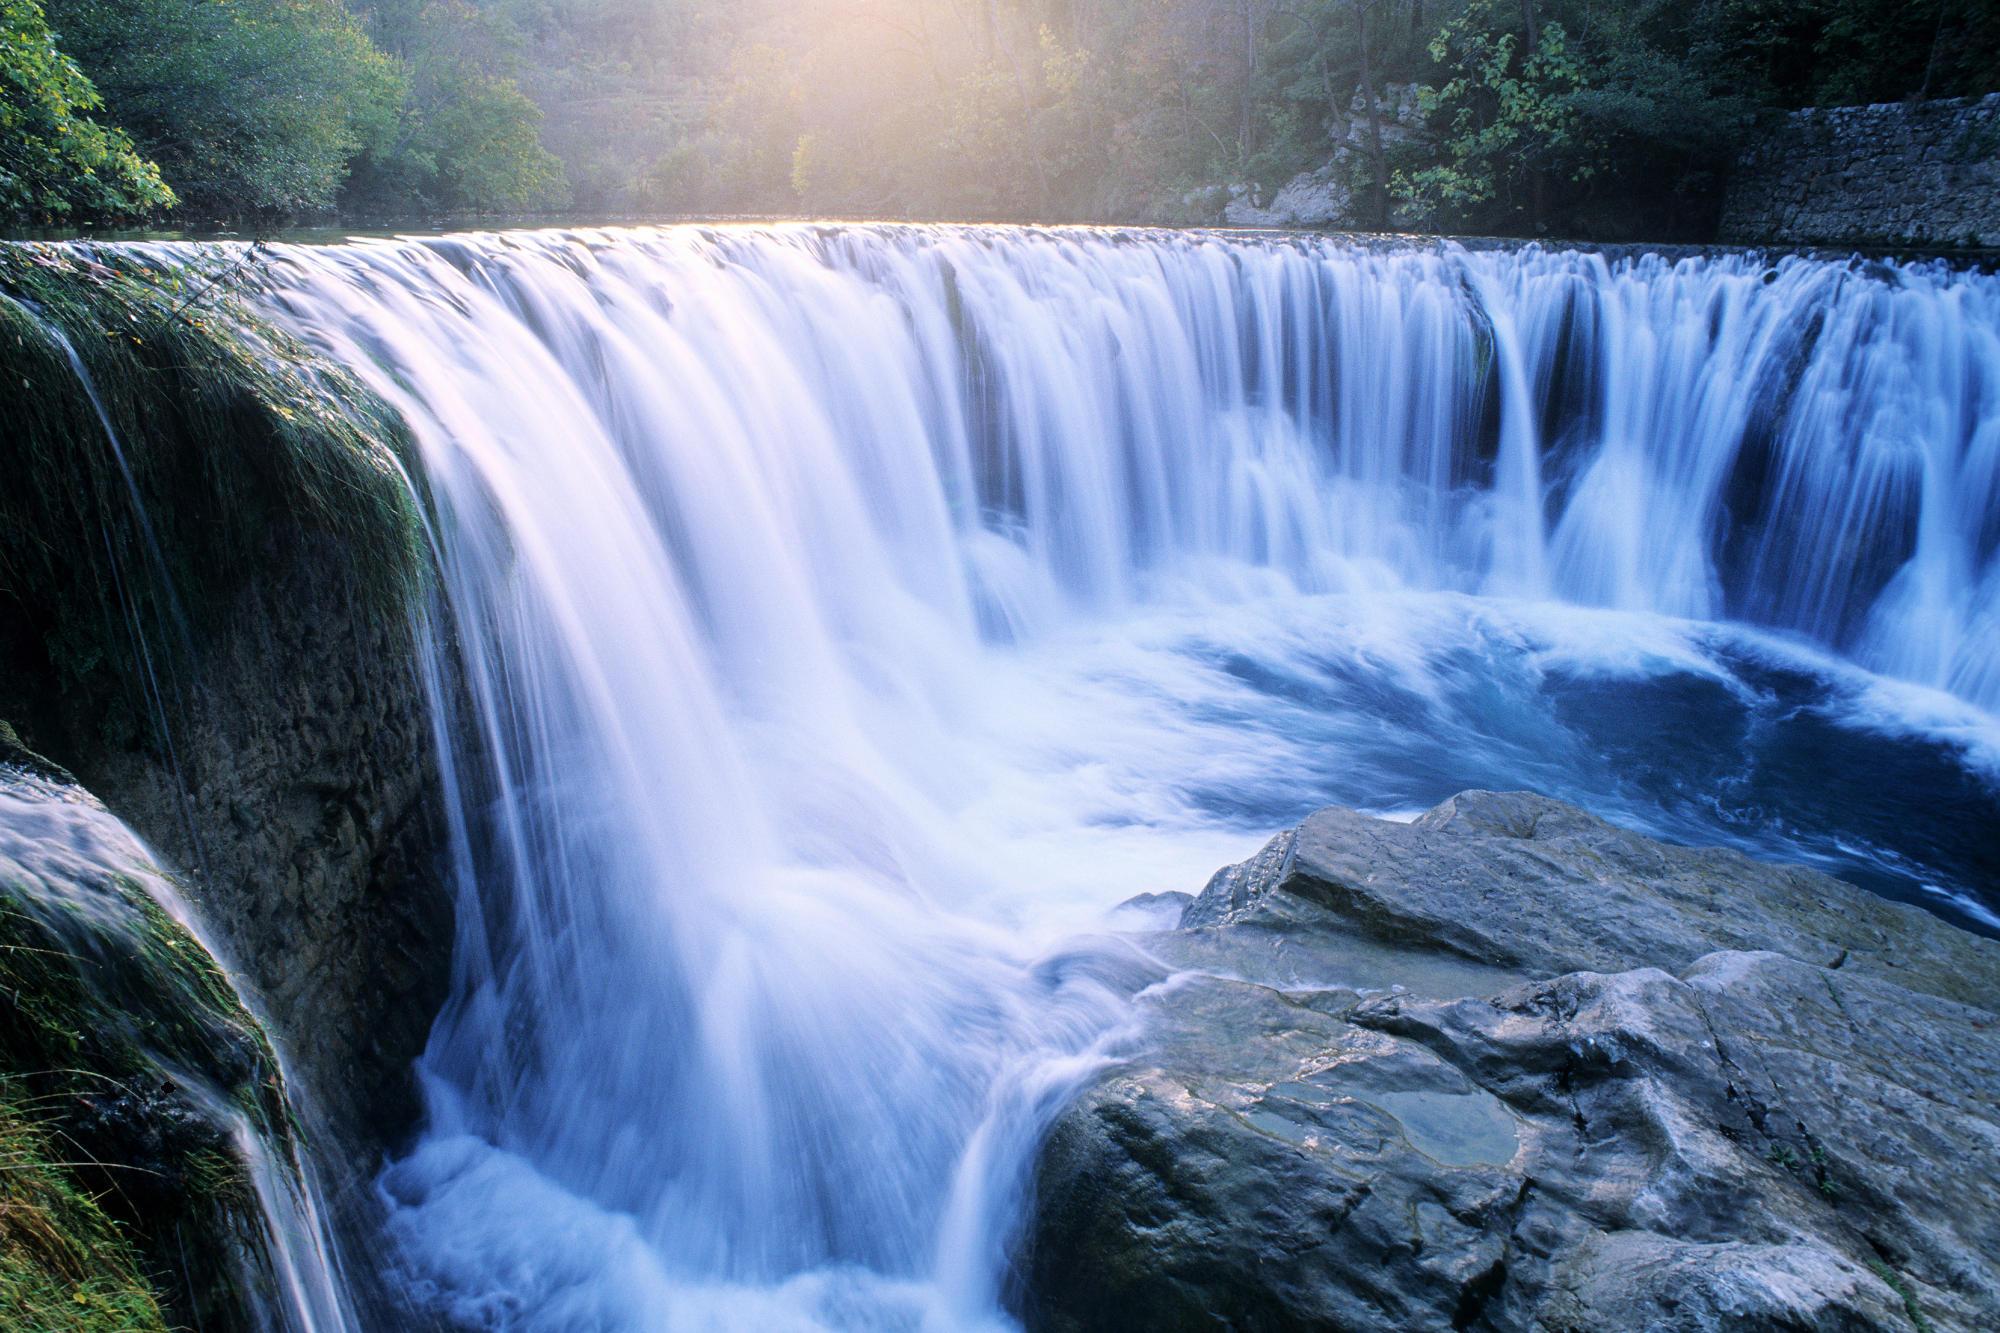 صورة صور طبيعة جميلة جدا , خلفيات لاماكن ساحرة